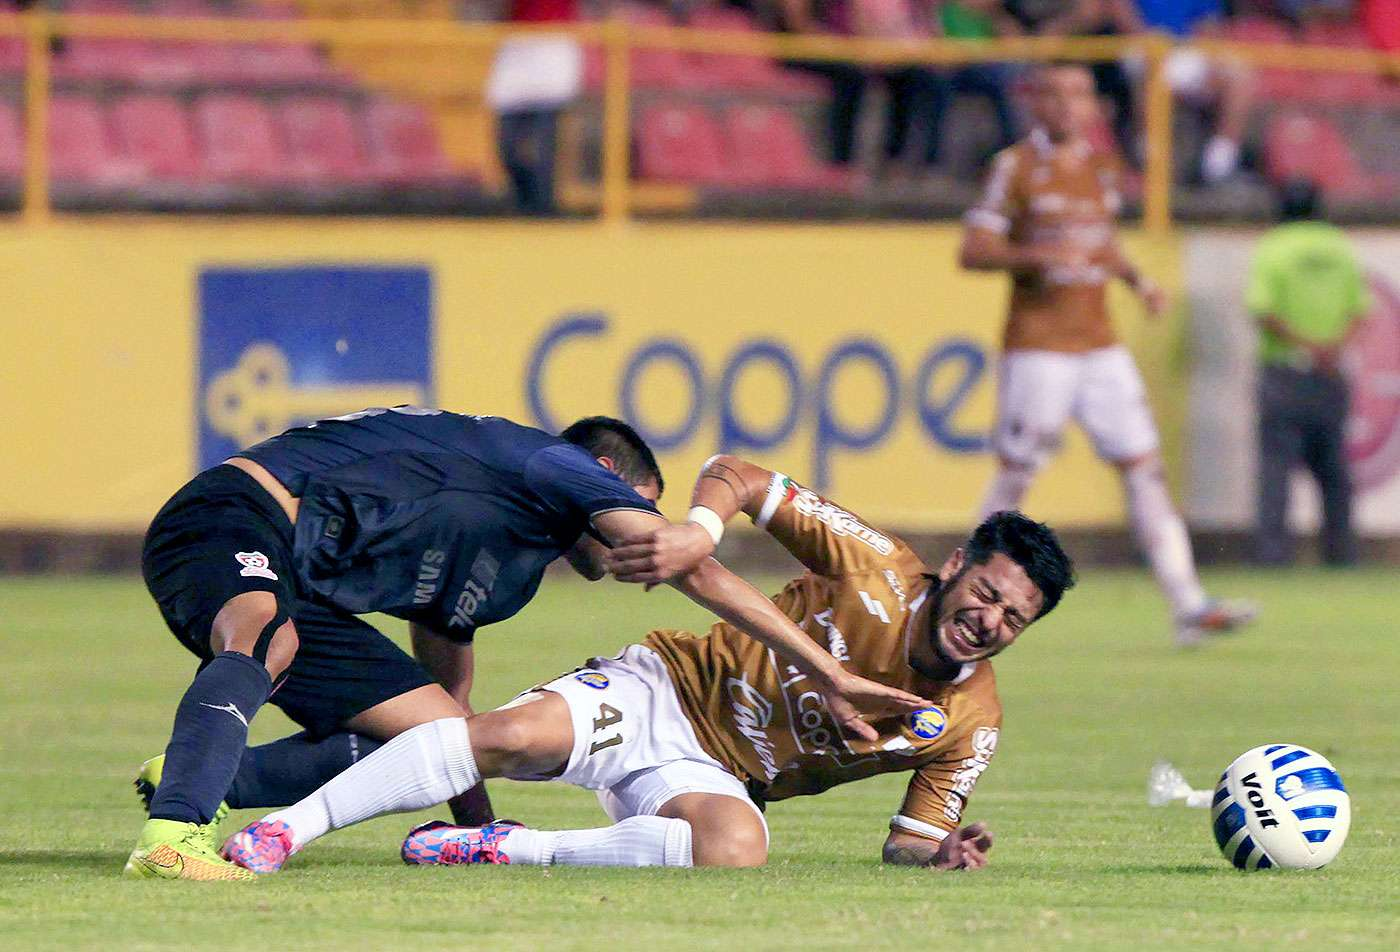 Con goles de Humberto Osorio y Jesús Gómez, Dorados de Sinaloa remontaron y vencieron 2-1 a Mineros de Zacatecas en el partido de ida de la llave 3 dentro del Grupo 4 en la COPA MX, el cual se realizó en el Estadio Banorte. El gol minero fue marcado por Antonio López. Foto: Imago 7